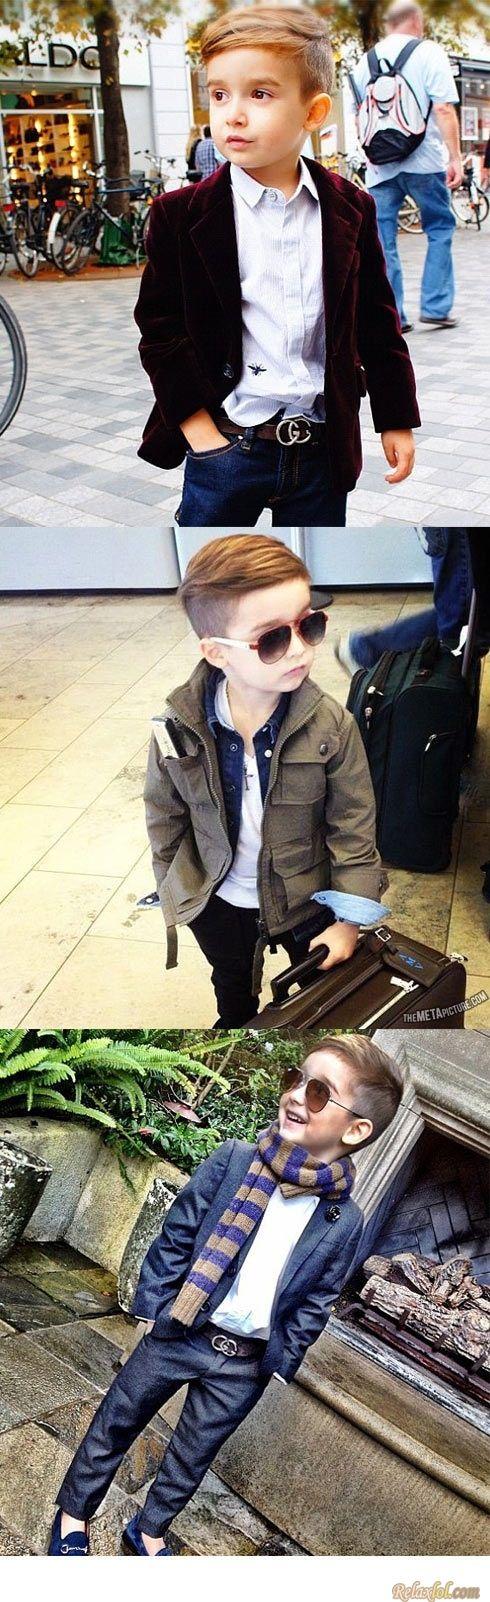 Stylish little guy